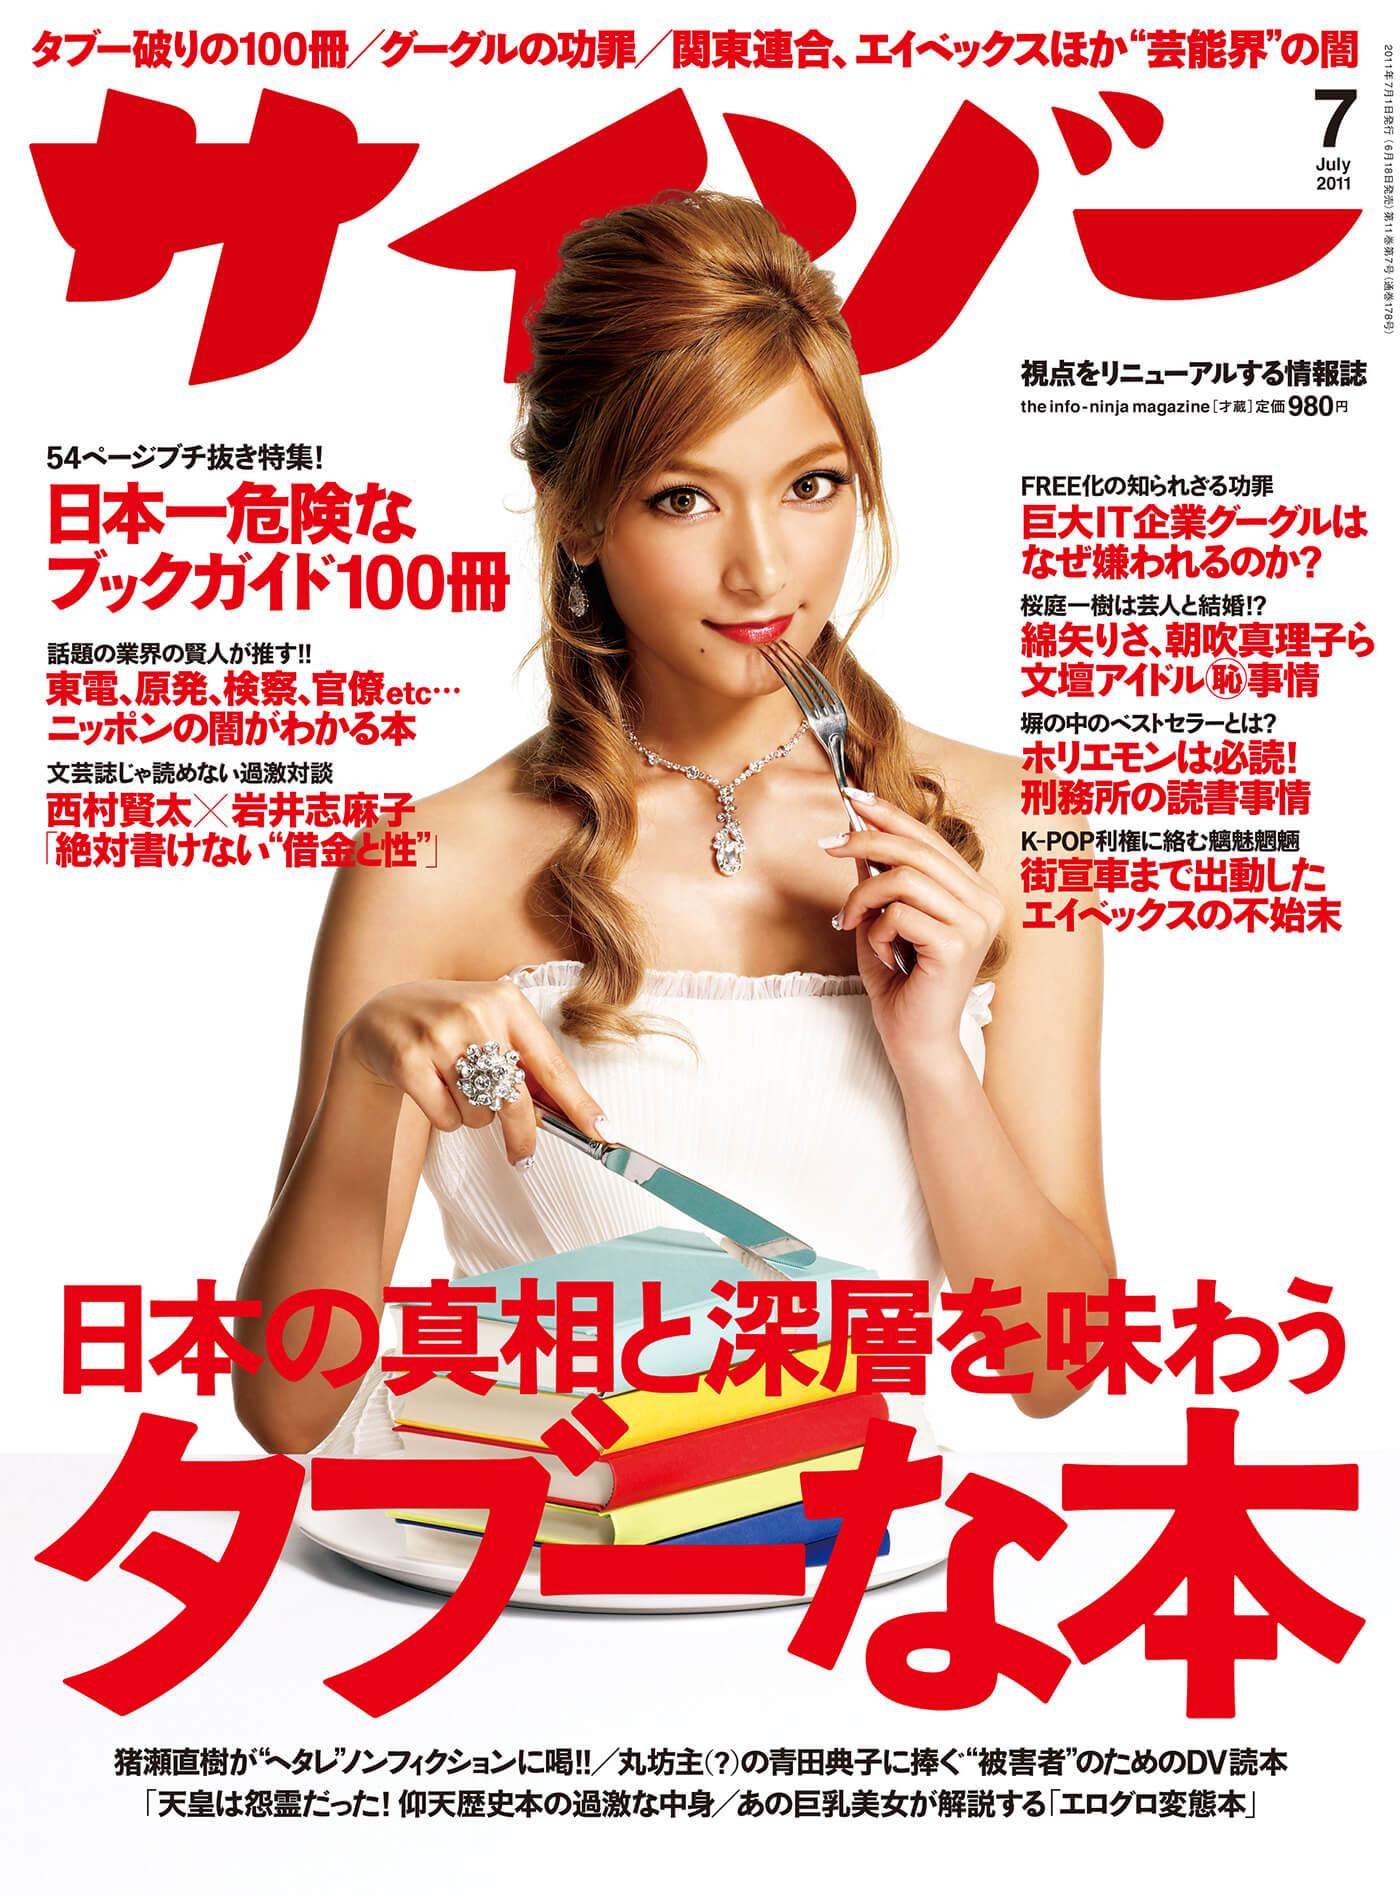 2011_YO DESIGN_01.jpg